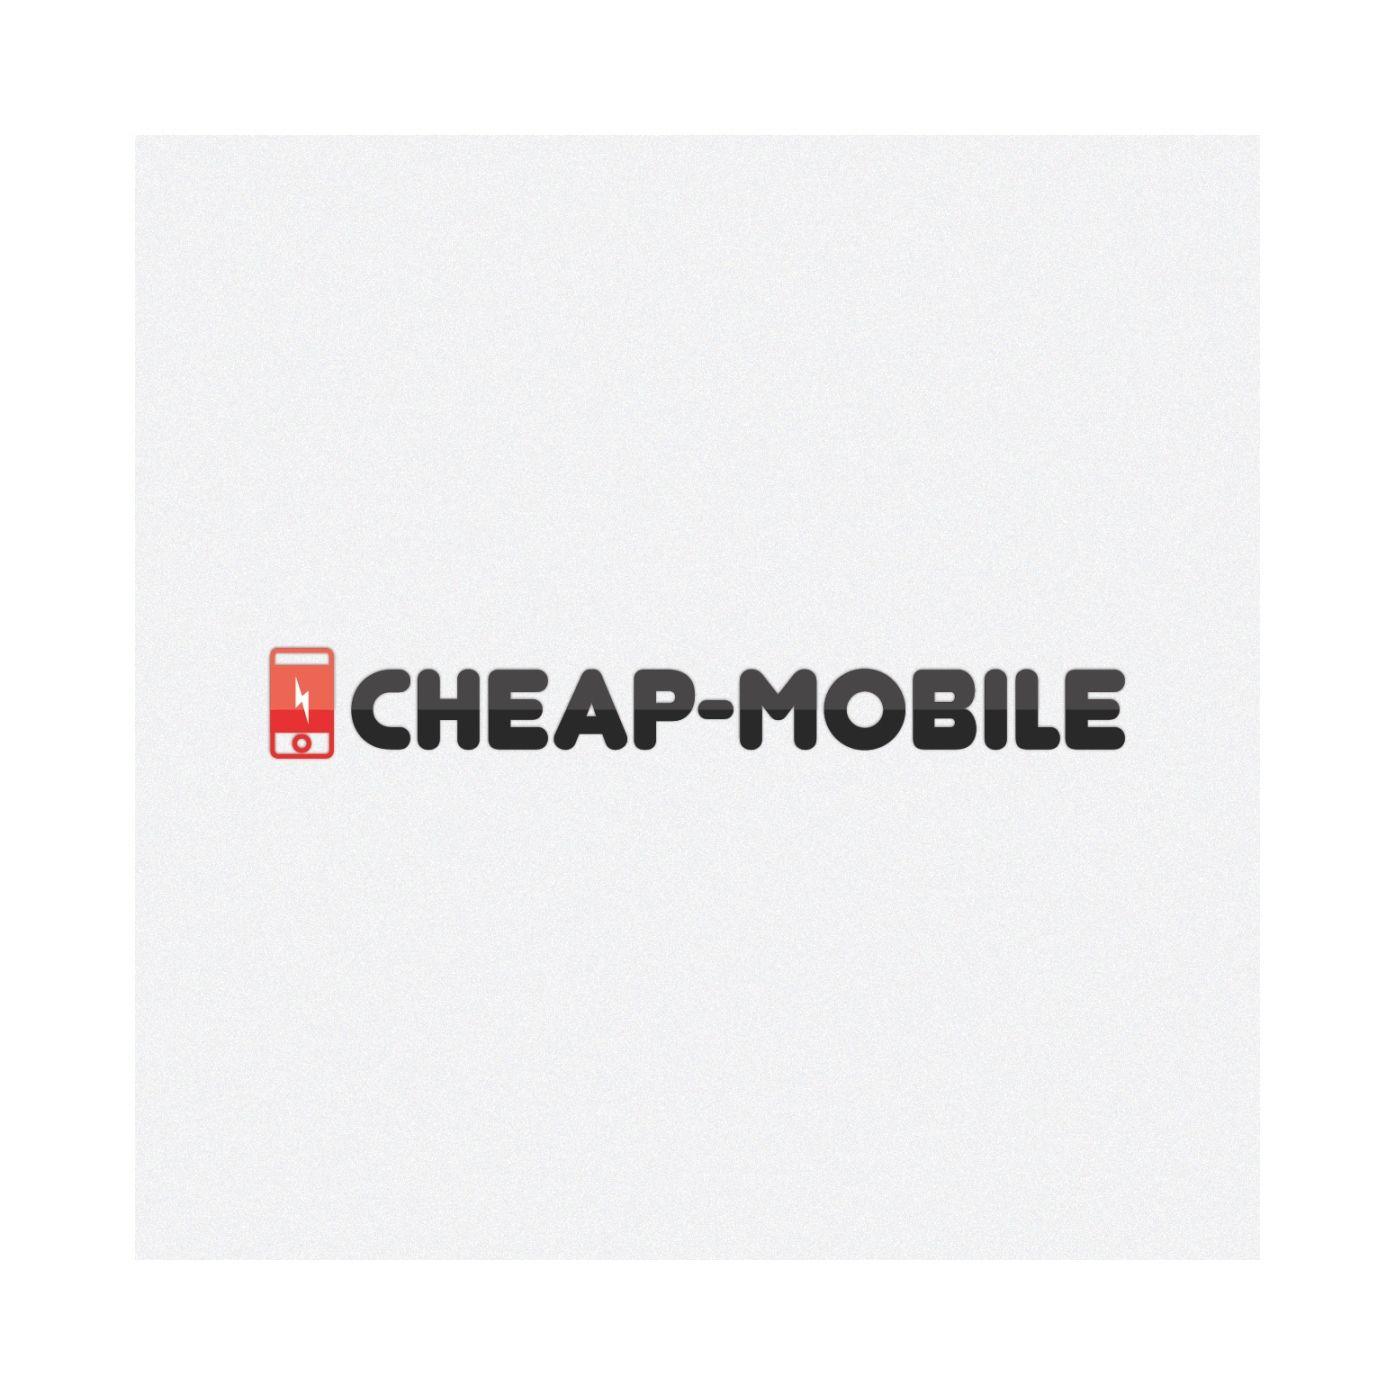 Лого и фирменный стиль для ИМ (Мобильные телефоны) - дизайнер klyax